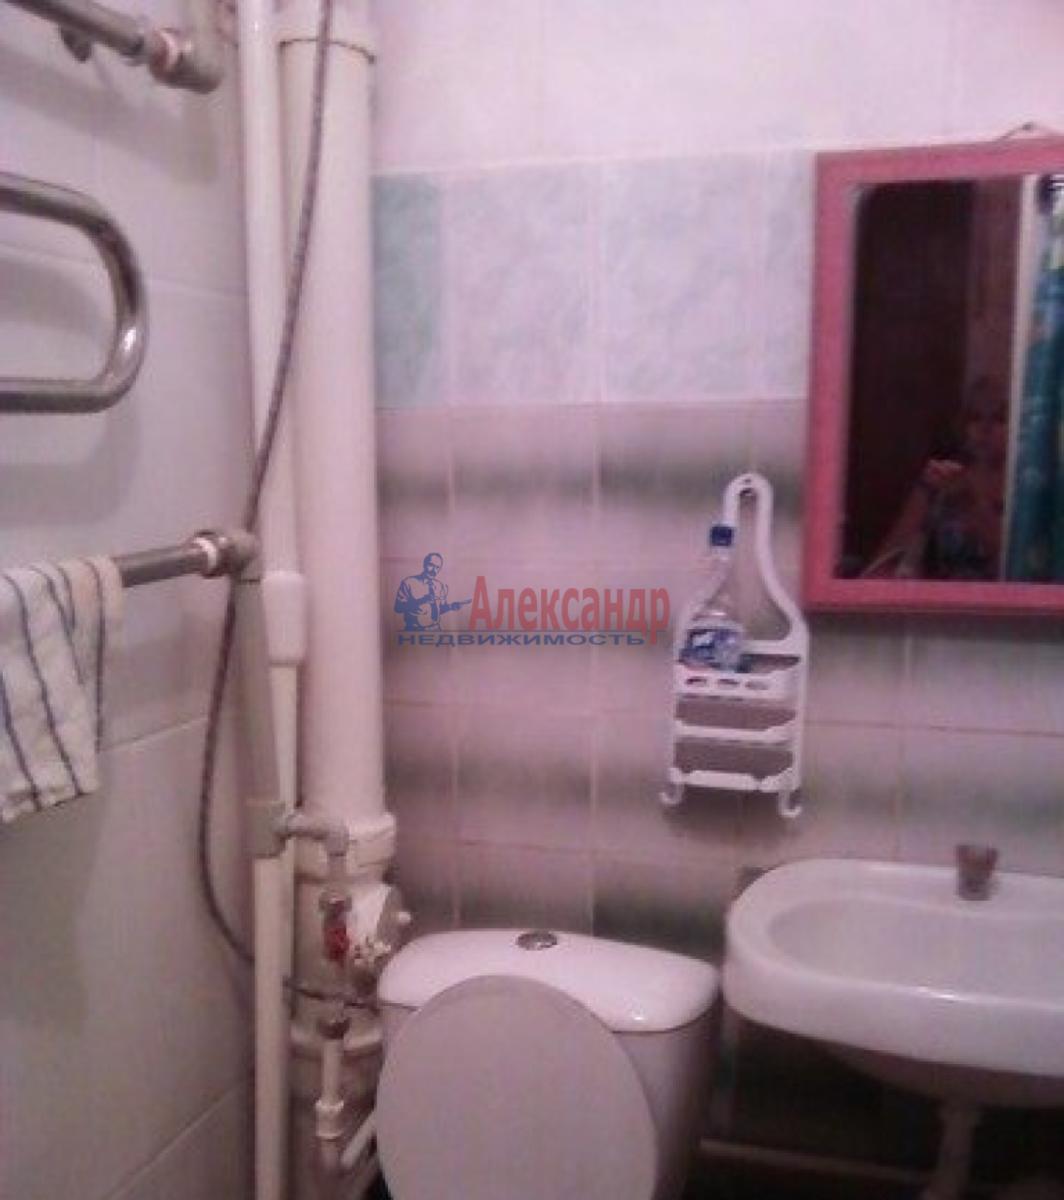 1-комнатная квартира (36м2) в аренду по адресу Двинская ул., 14— фото 3 из 3